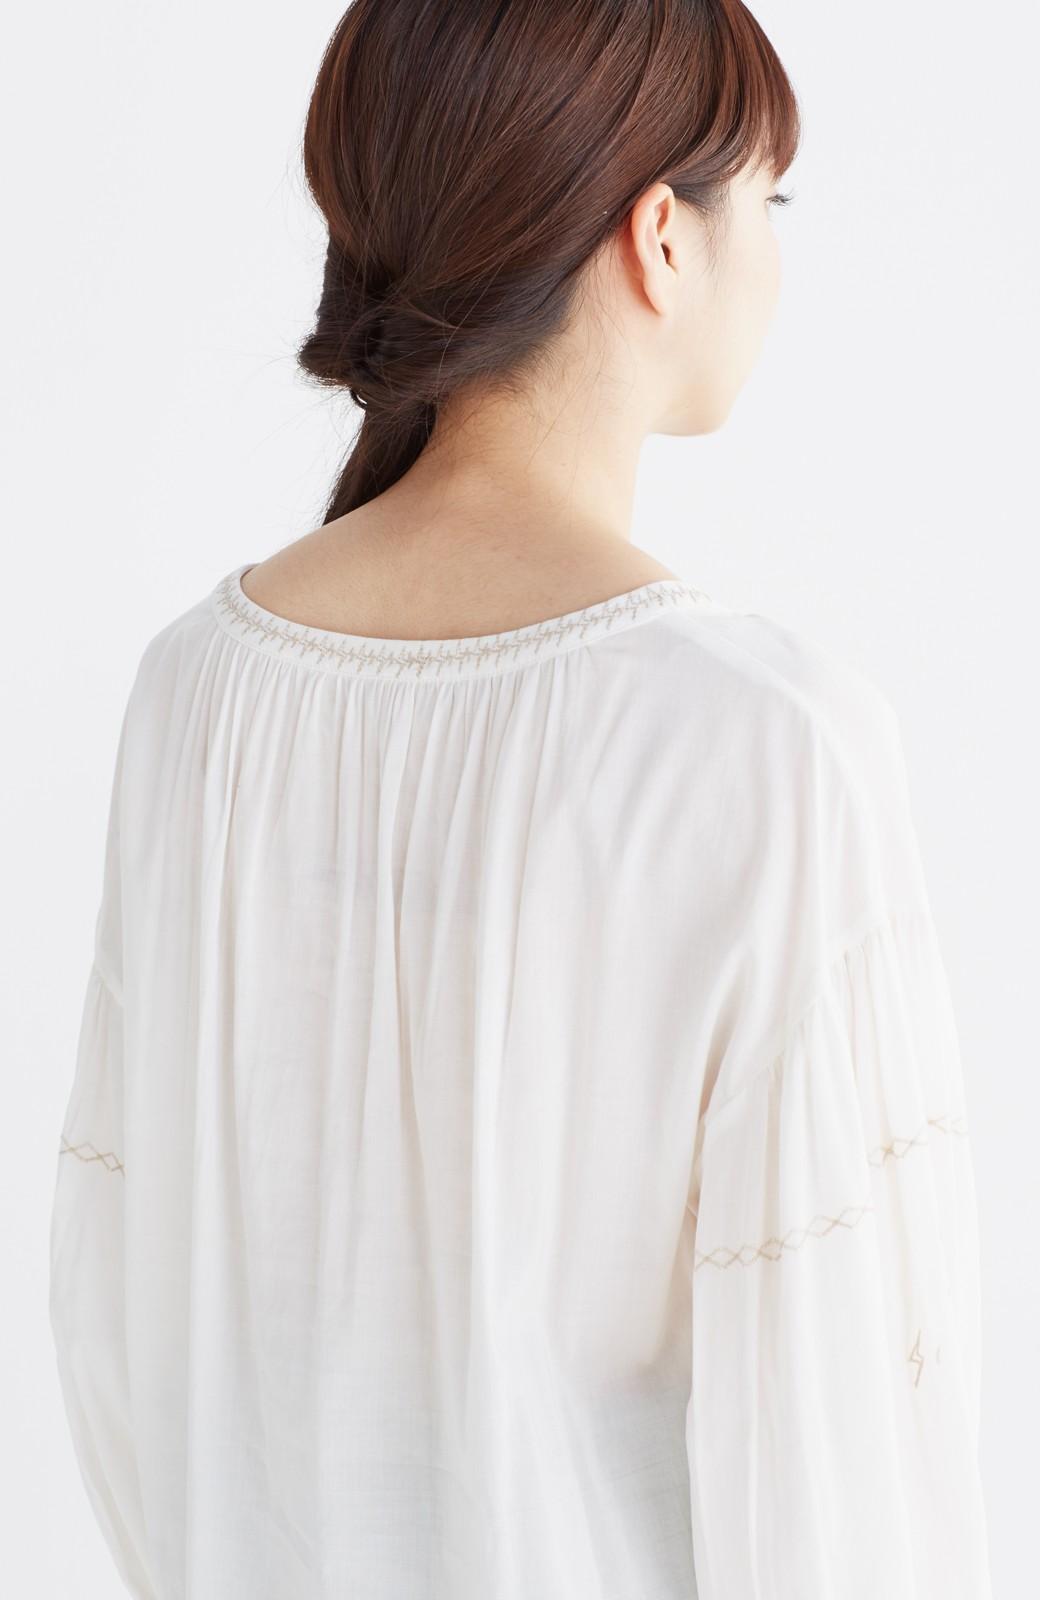 nusy 女っぽく刺しゅうを楽しむギャザーブラウス  <ホワイト>の商品写真17